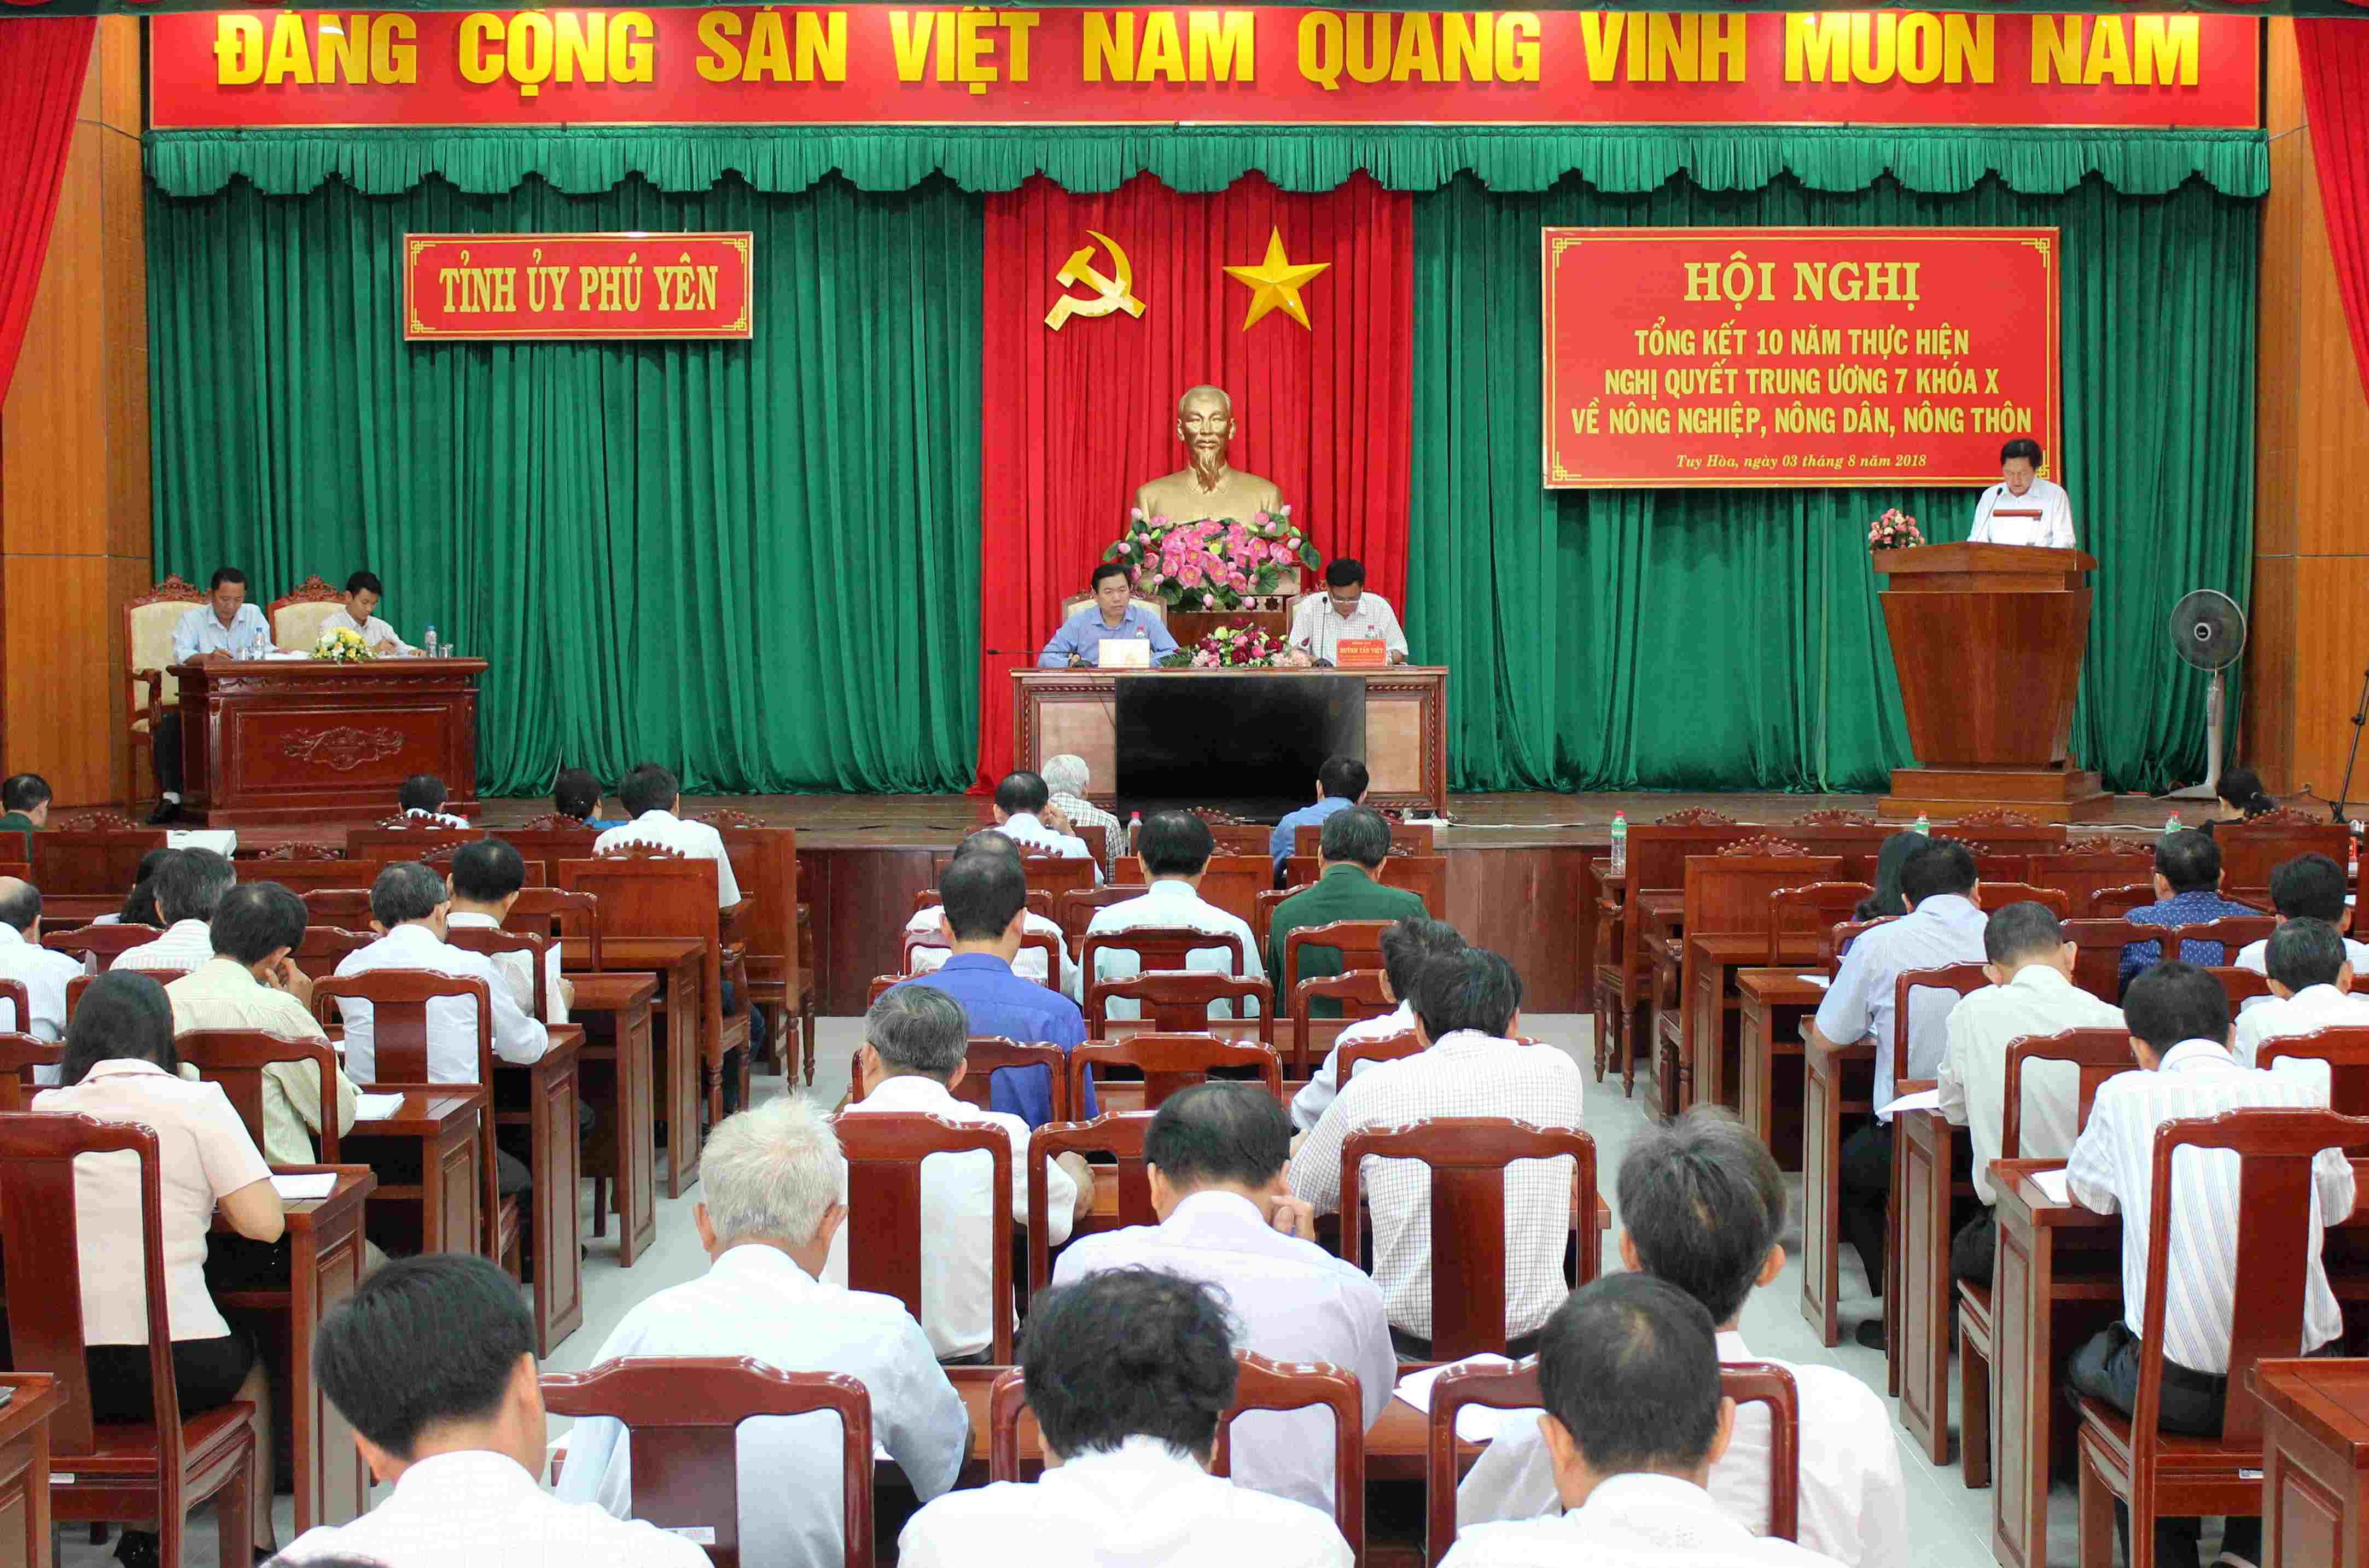 Phú Yên: Nhiều kết quả quan trọng trong thực hiện Nghị quyết Trung ương 7 khóa X